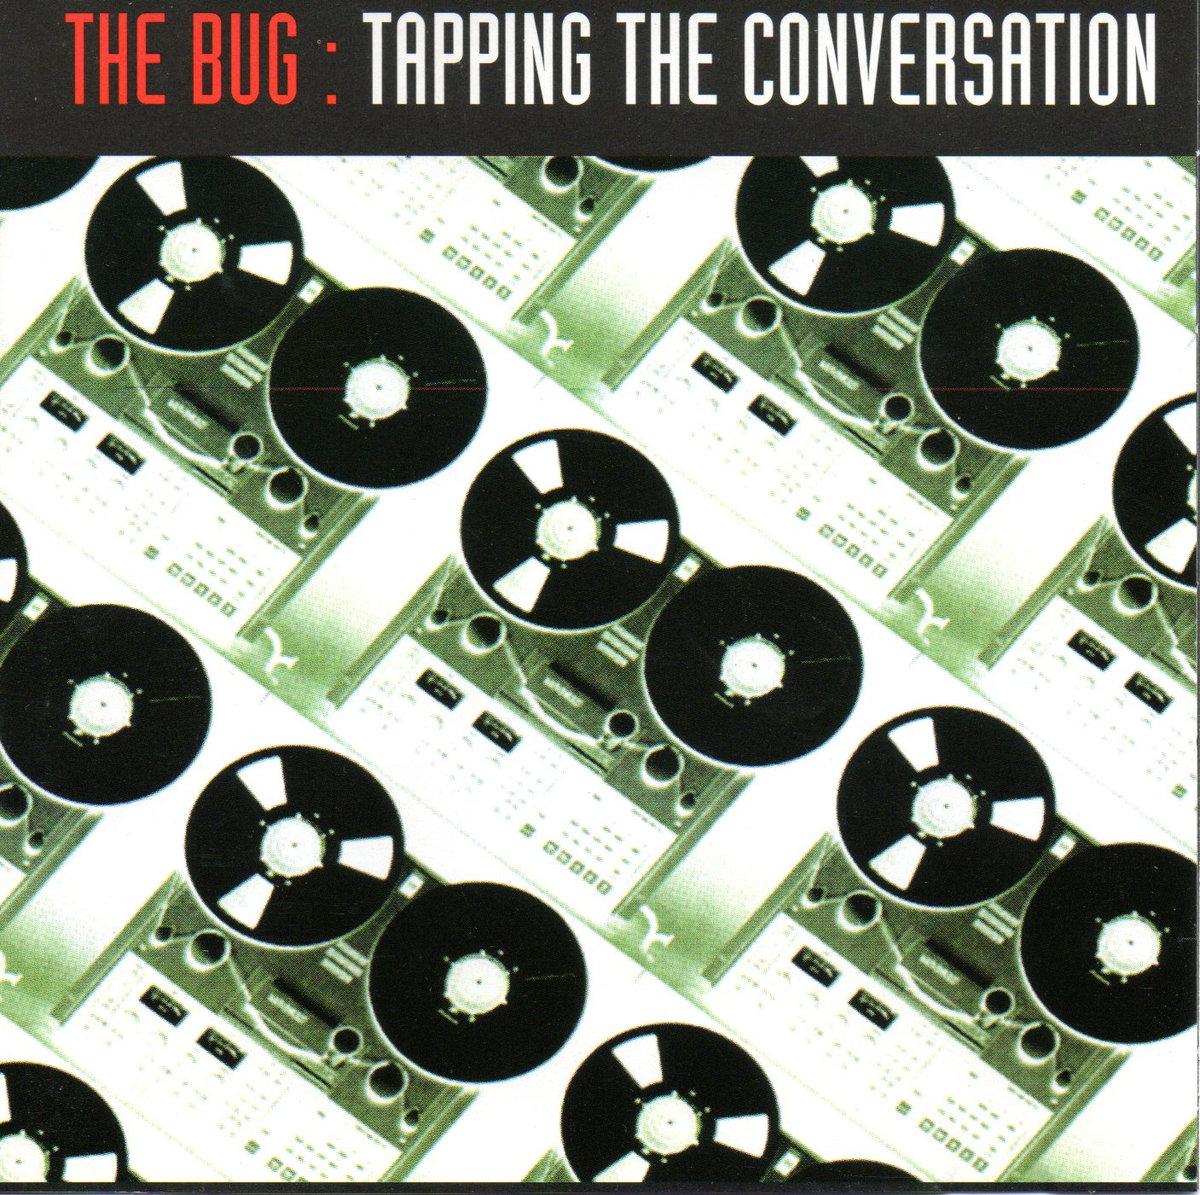 thebug